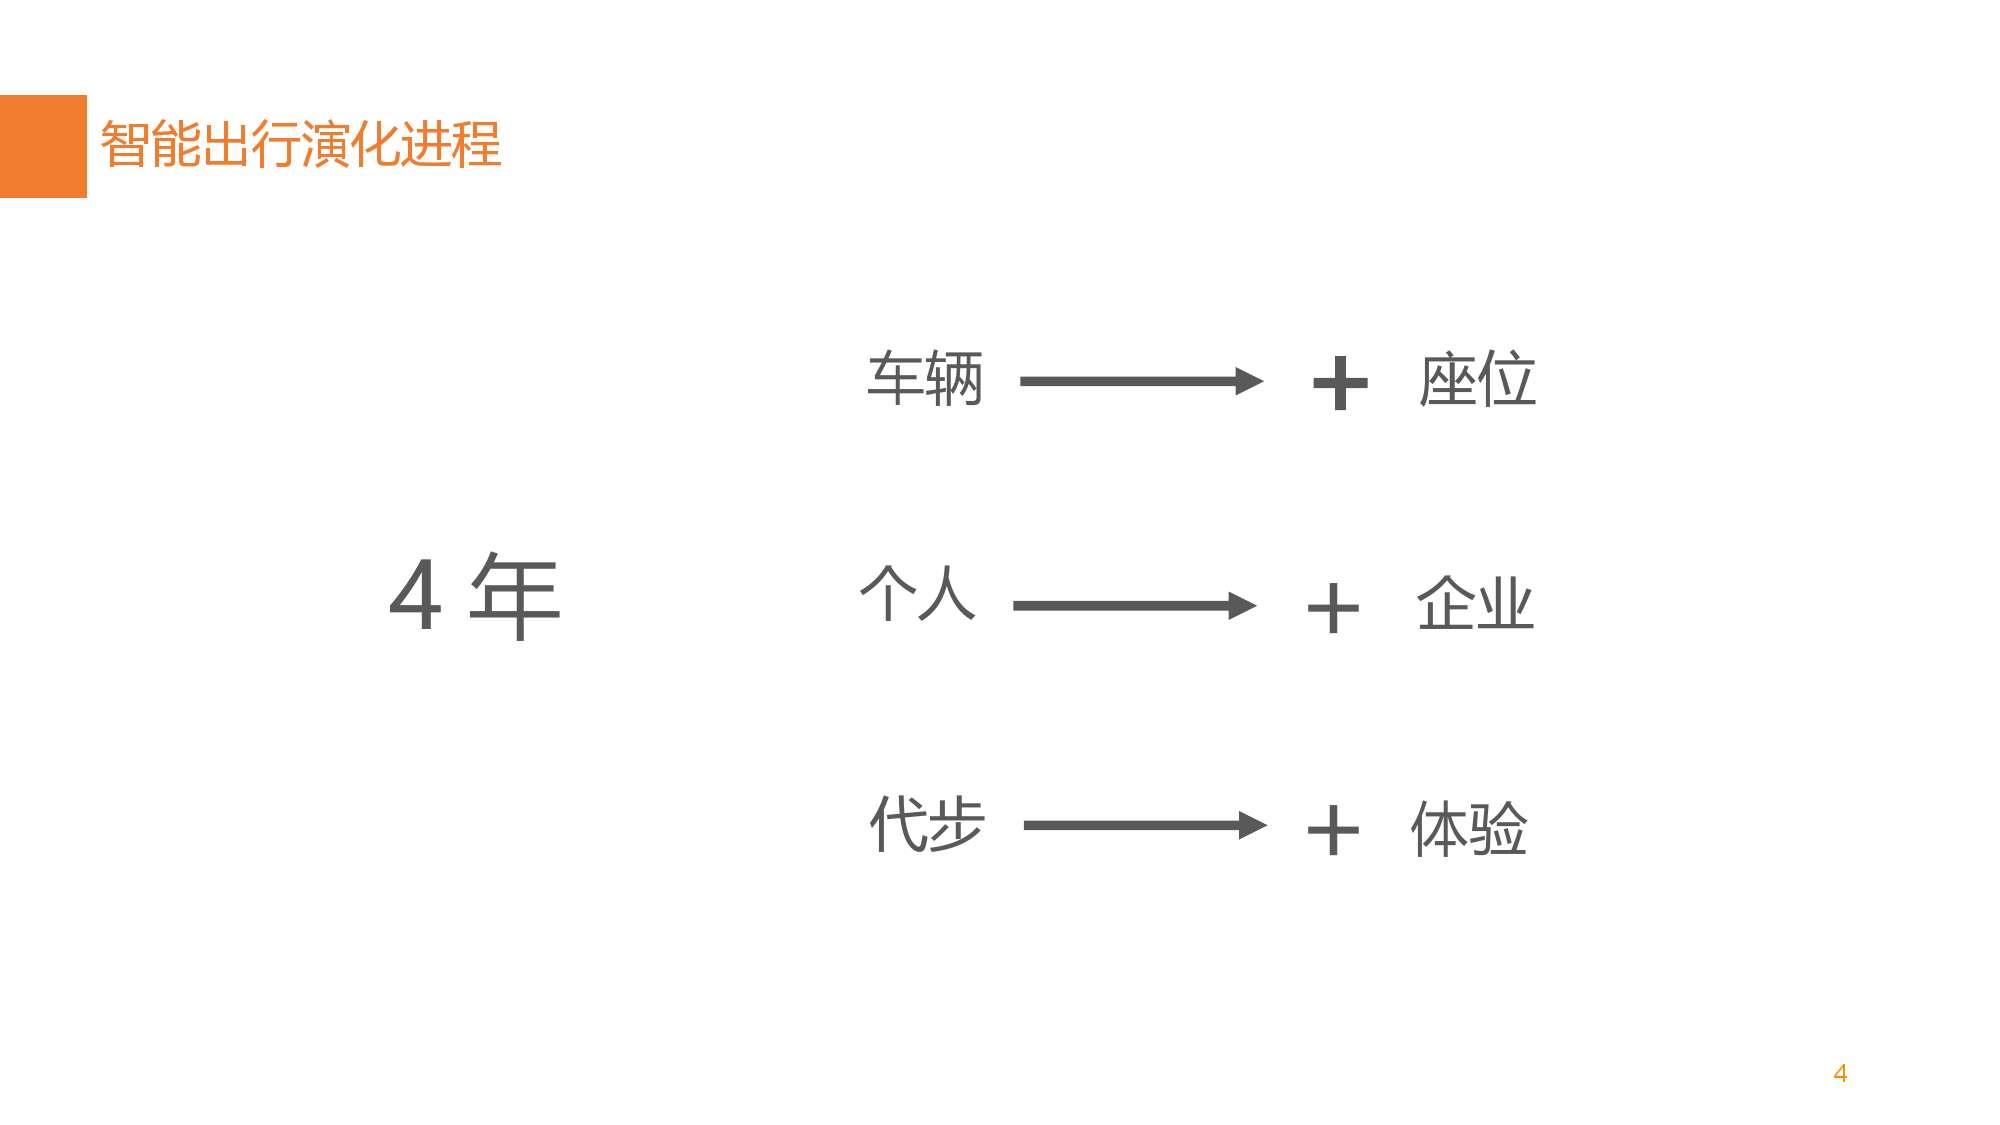 中国智能出行2015大数据报告_000006